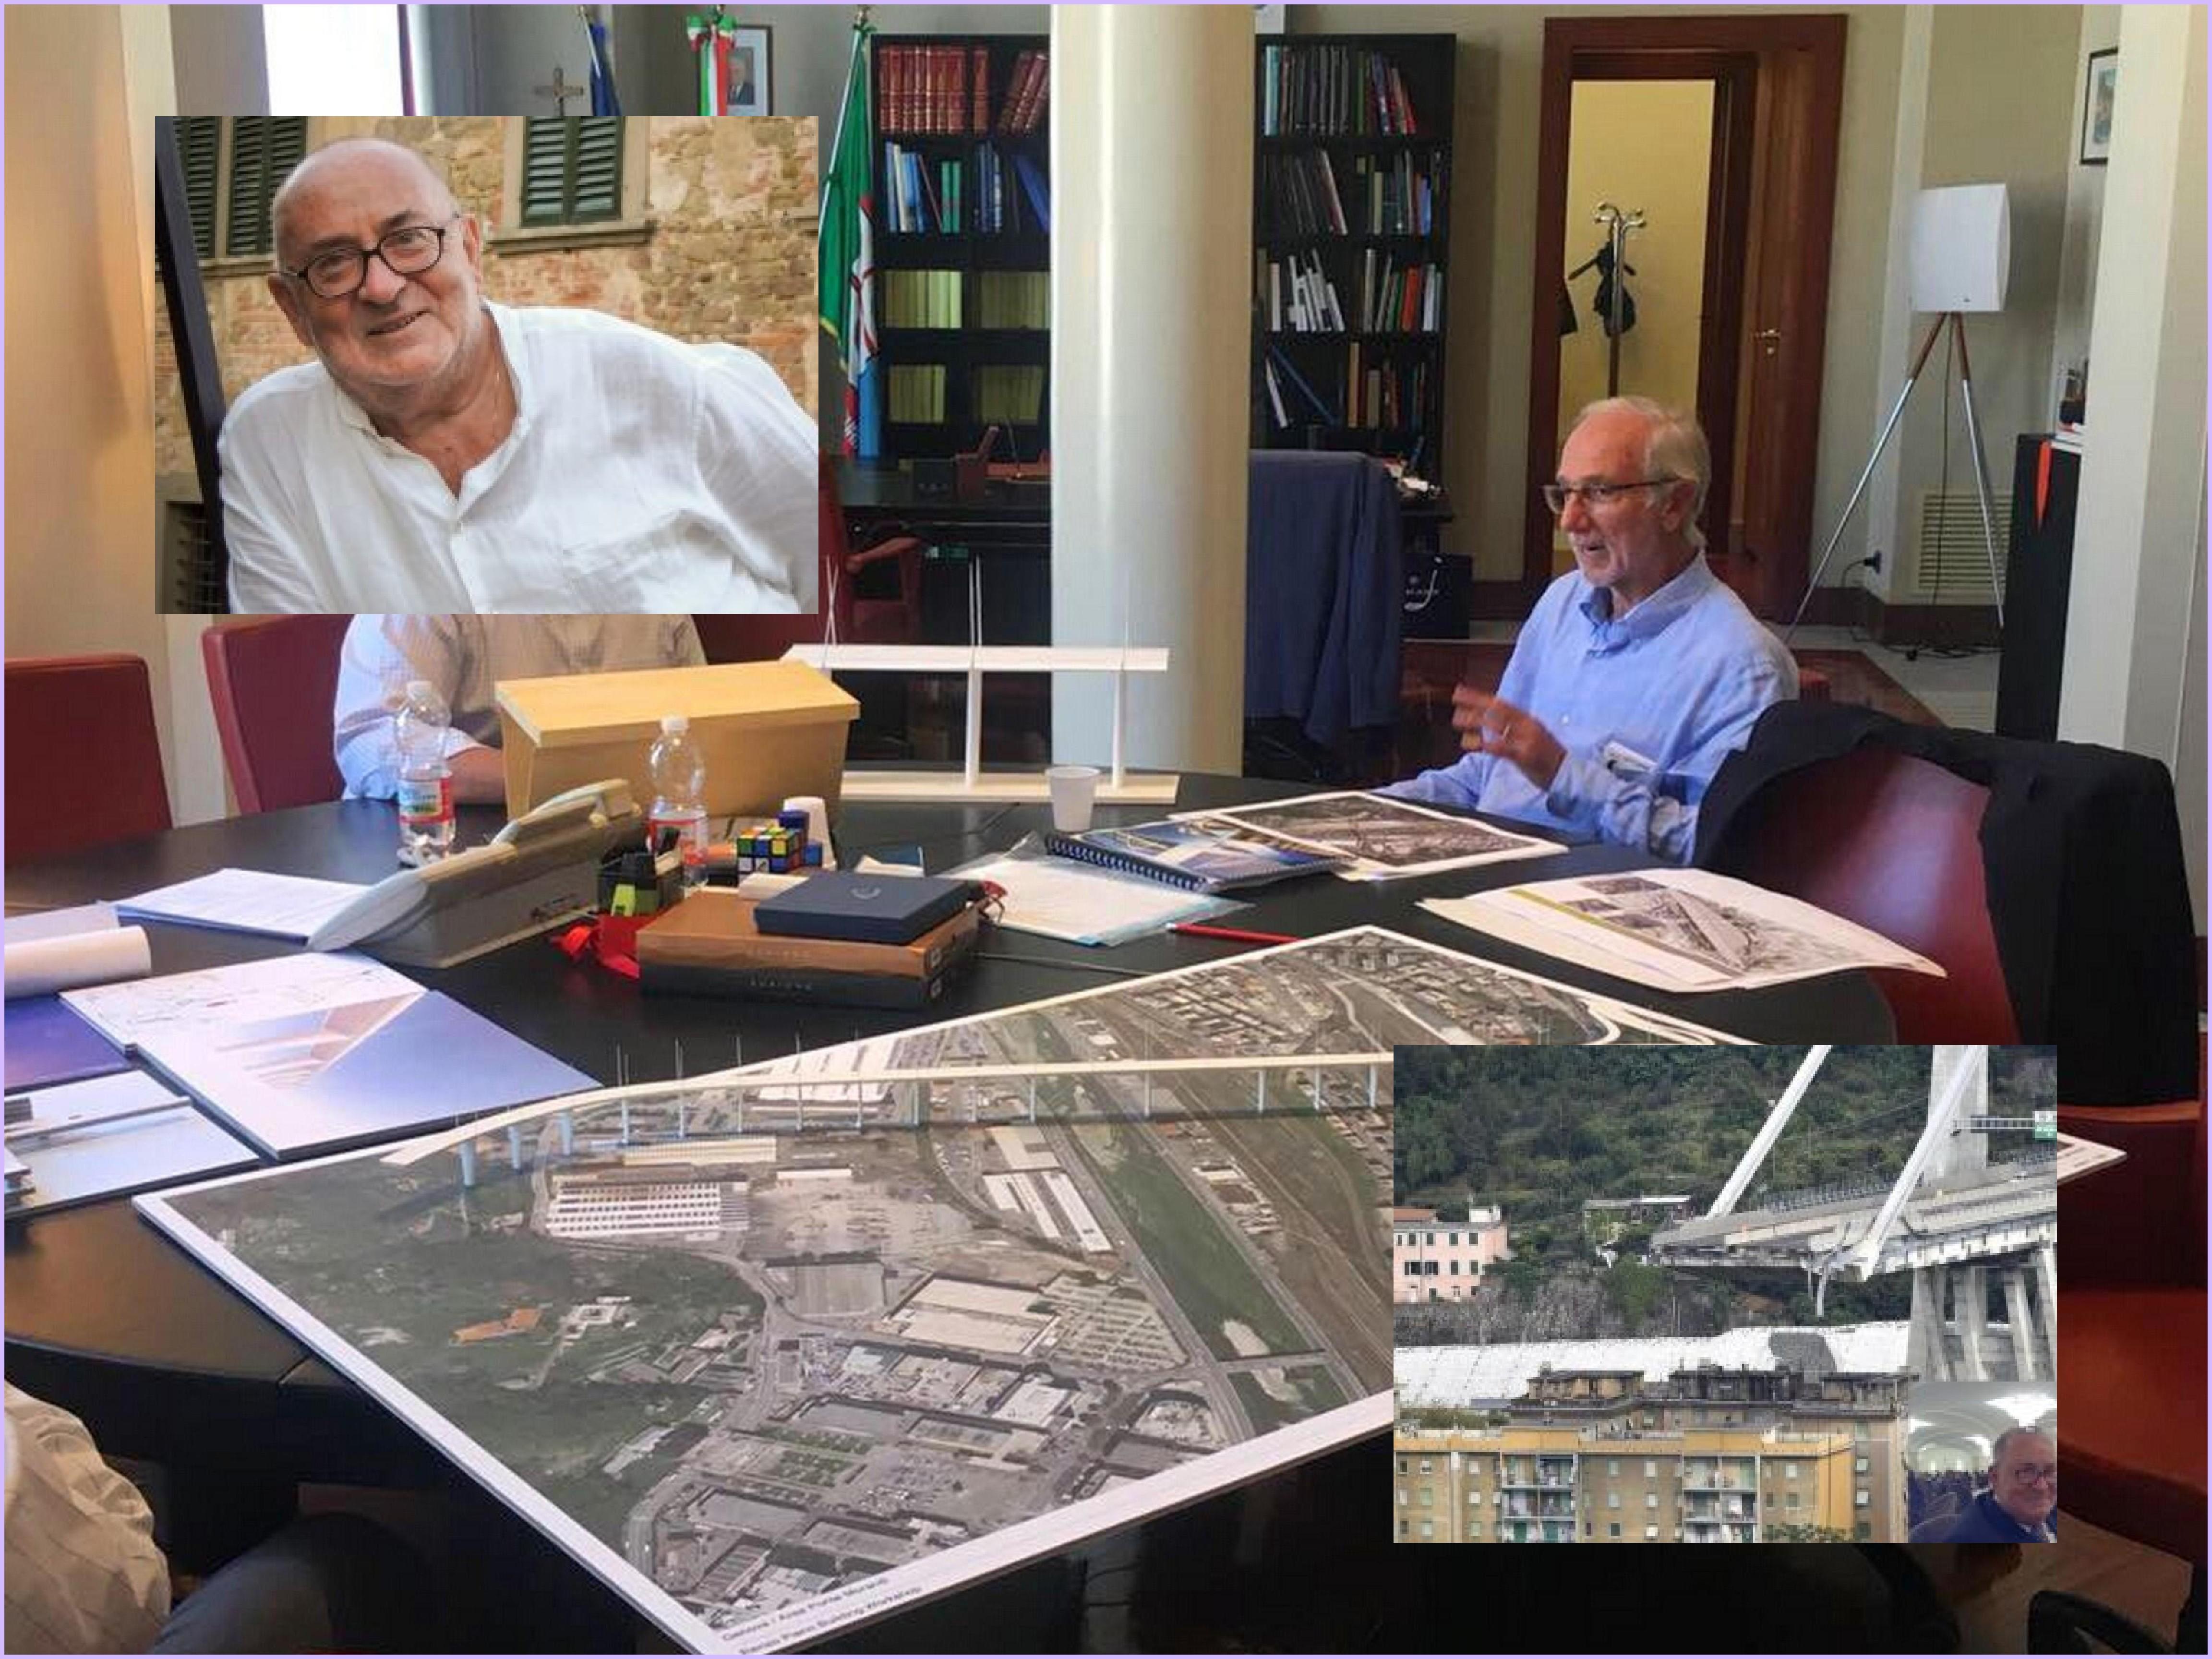 Con renzo piano genova sceglierebbe l architettura dell for Ovvio arredamento roma